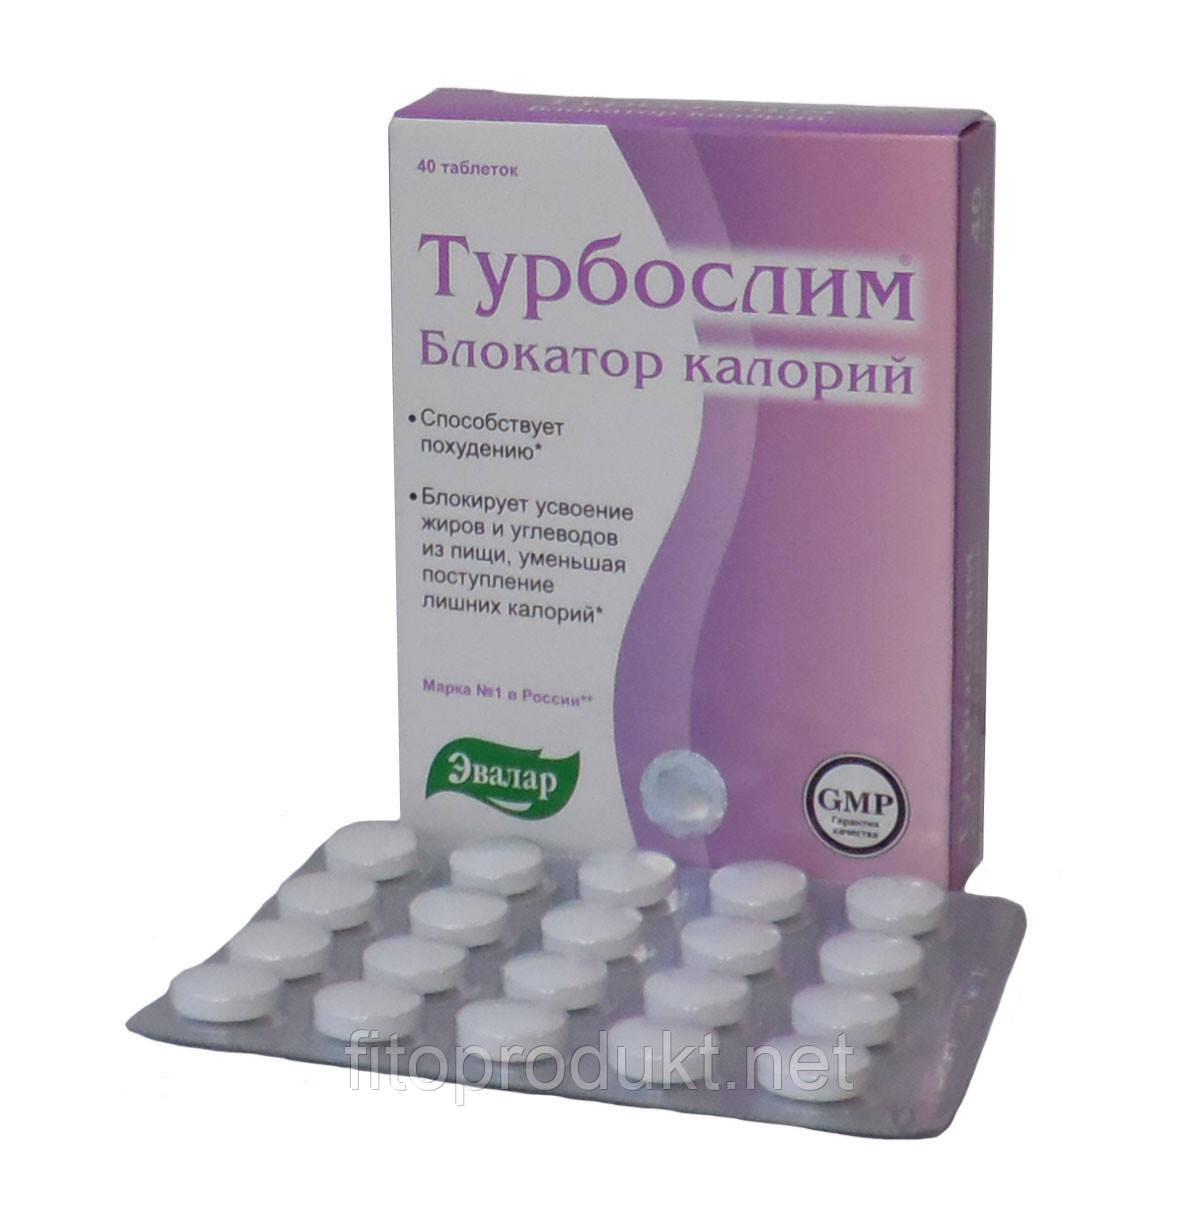 Таблетки Для Похудения Рф.